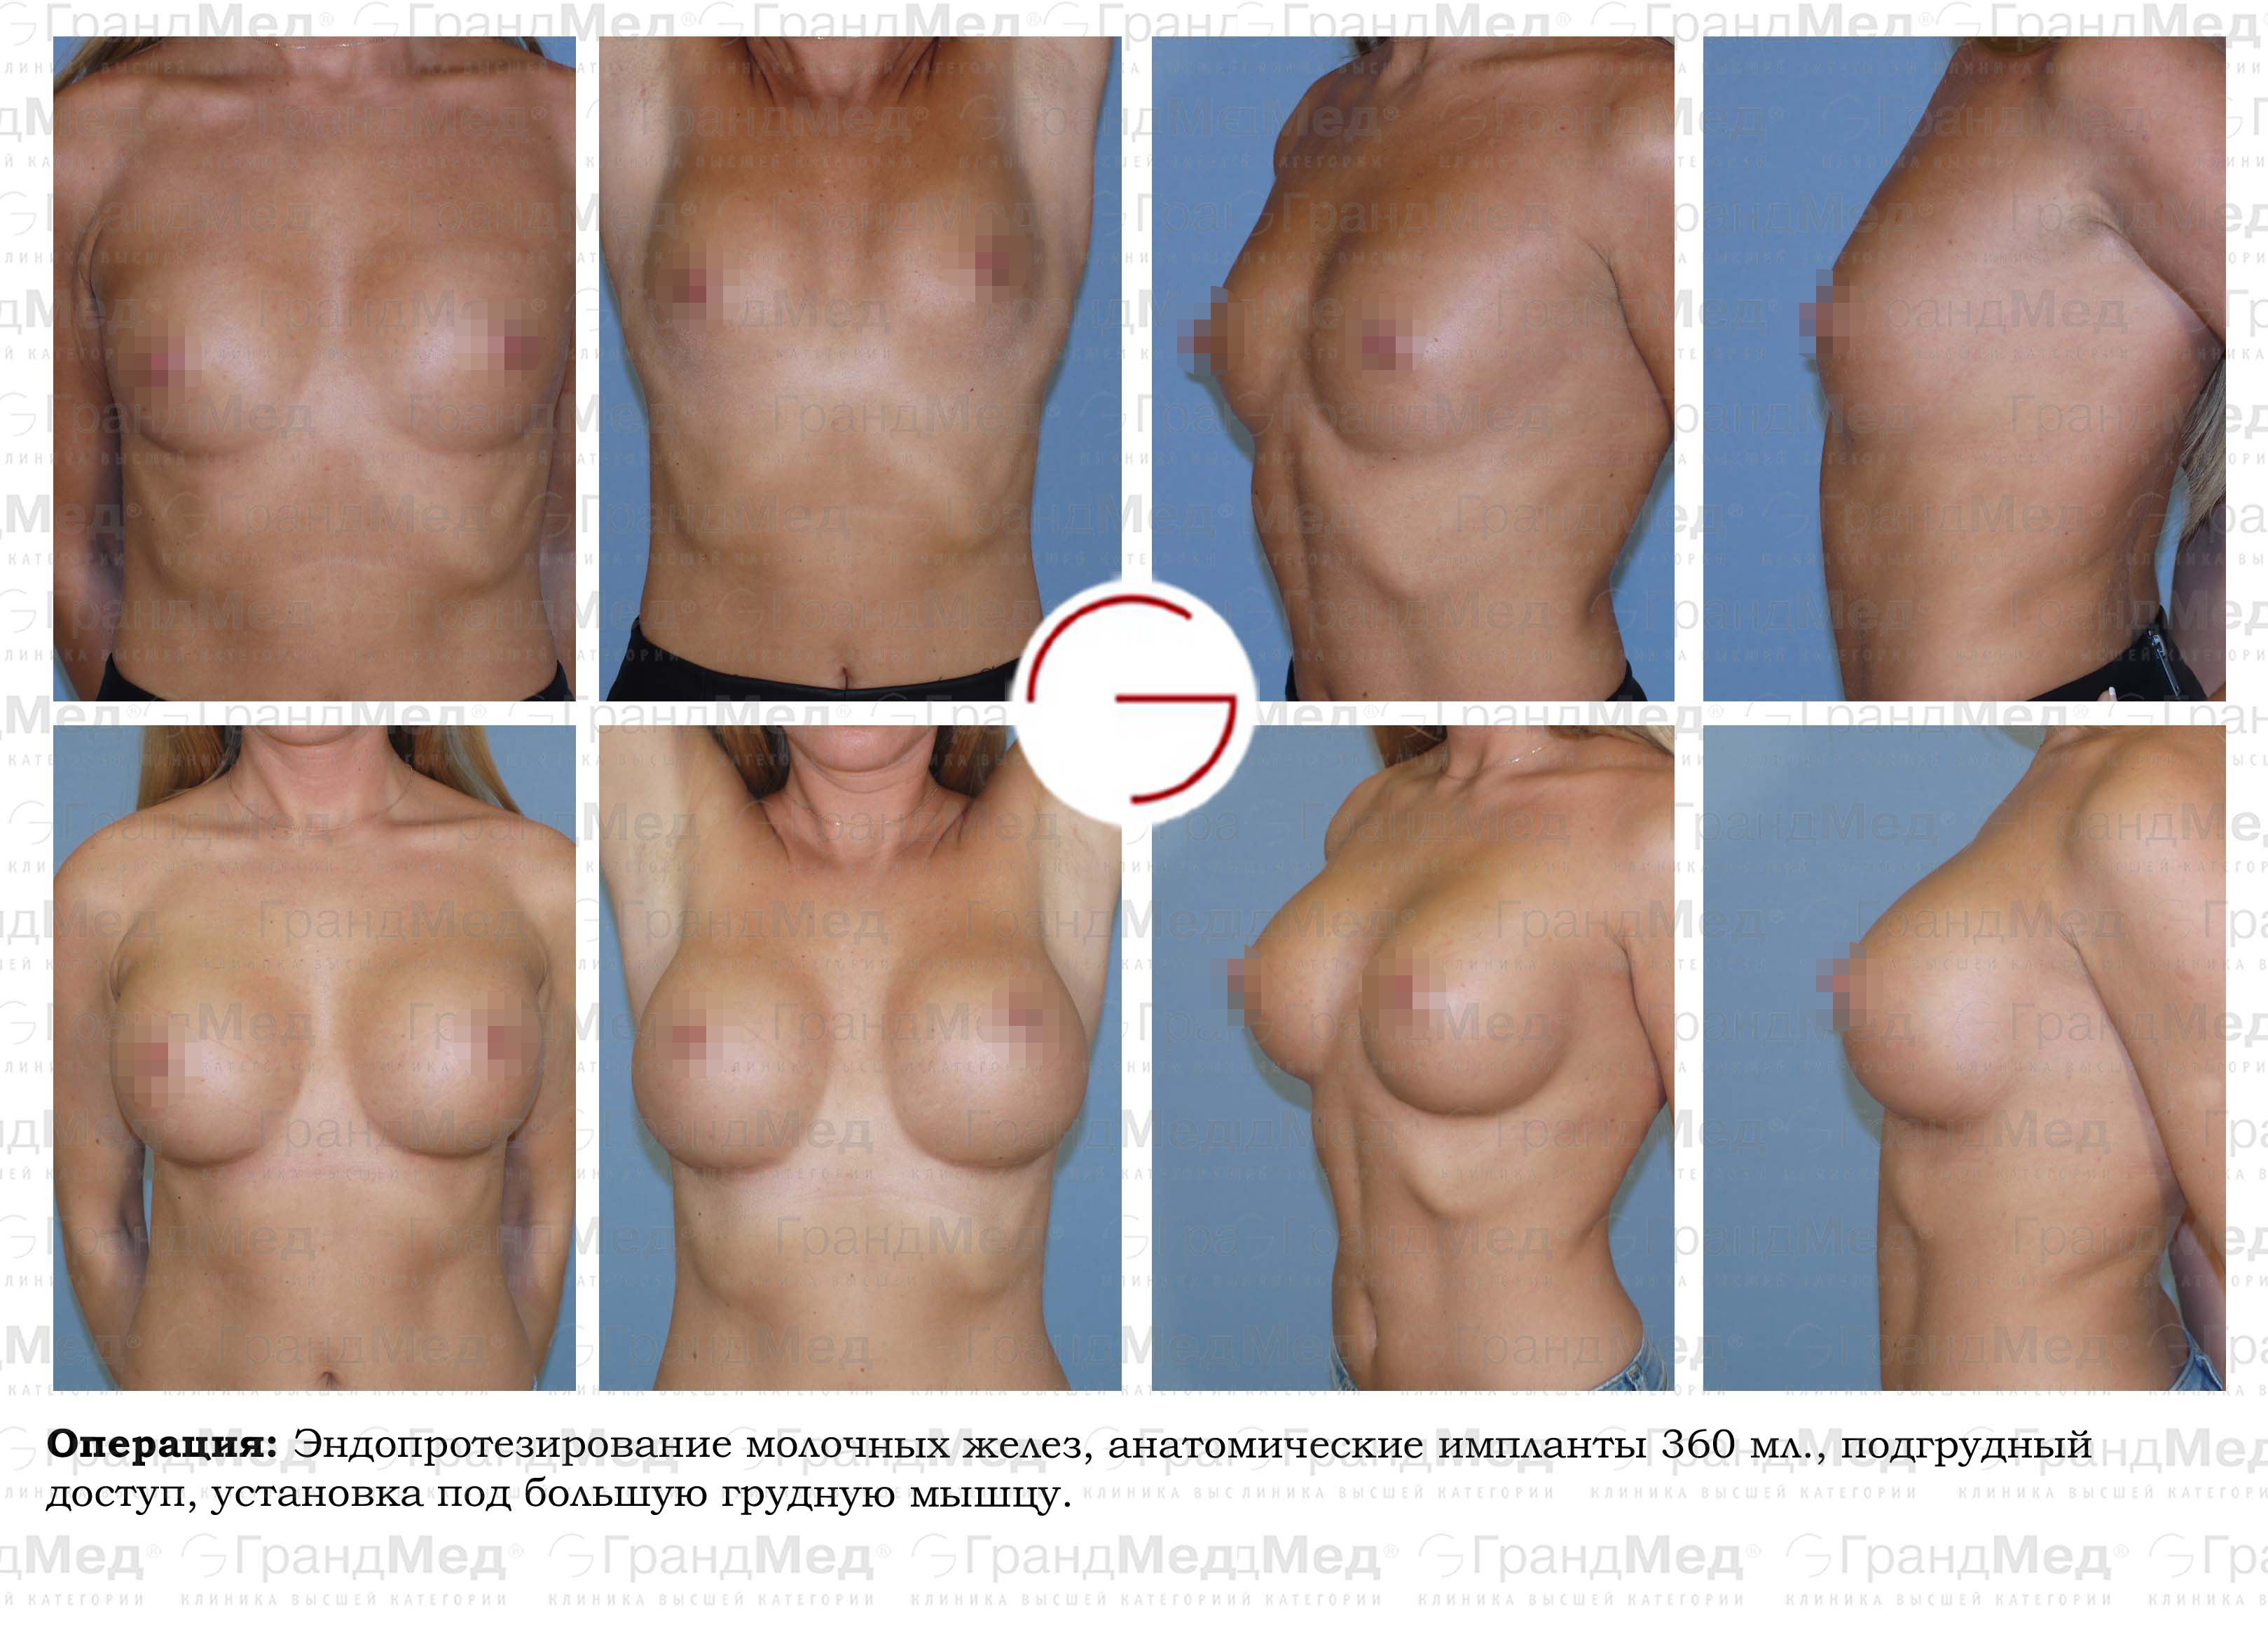 Пластические операции на половом члене увеличение протезирование